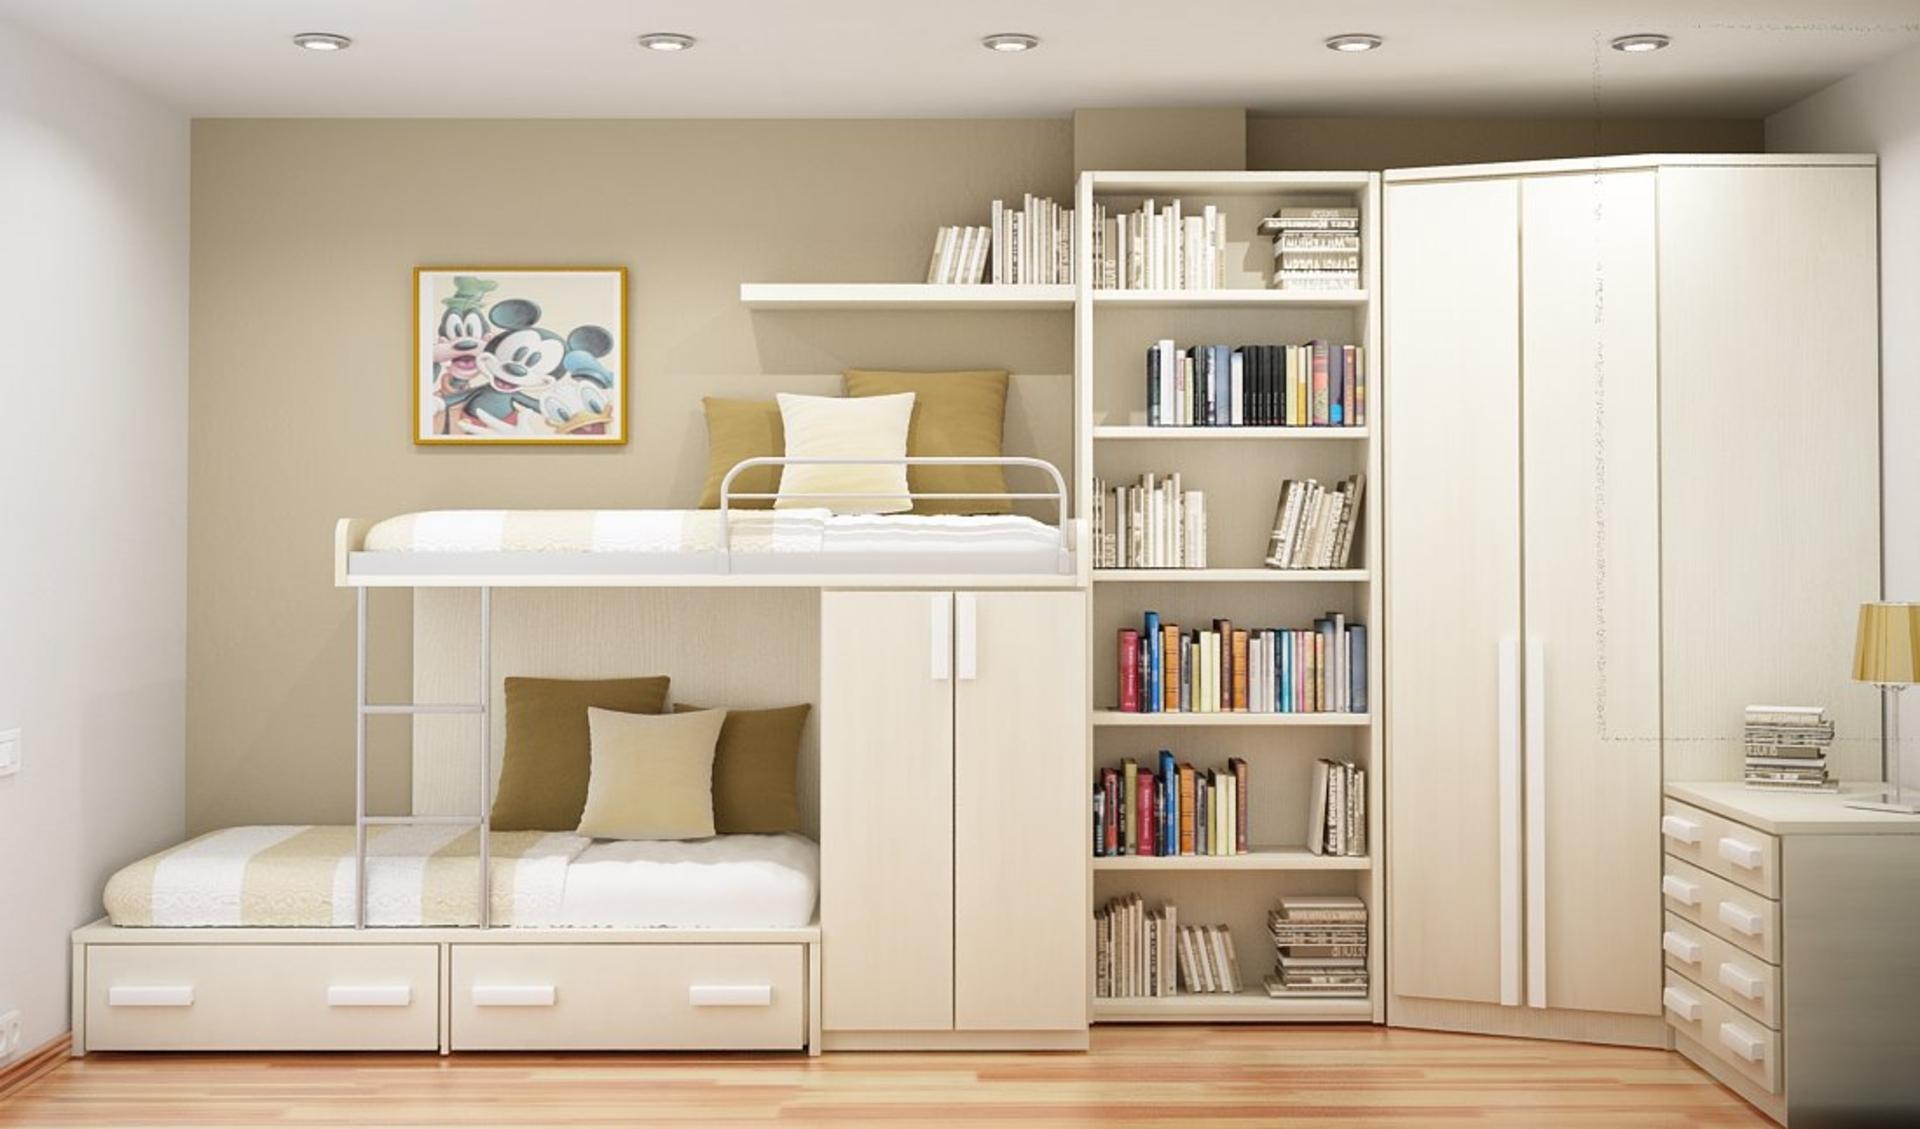 A La Caza De Tendencias De Interiores Para El 2017 Pcon El Blog # Muebles Modulares